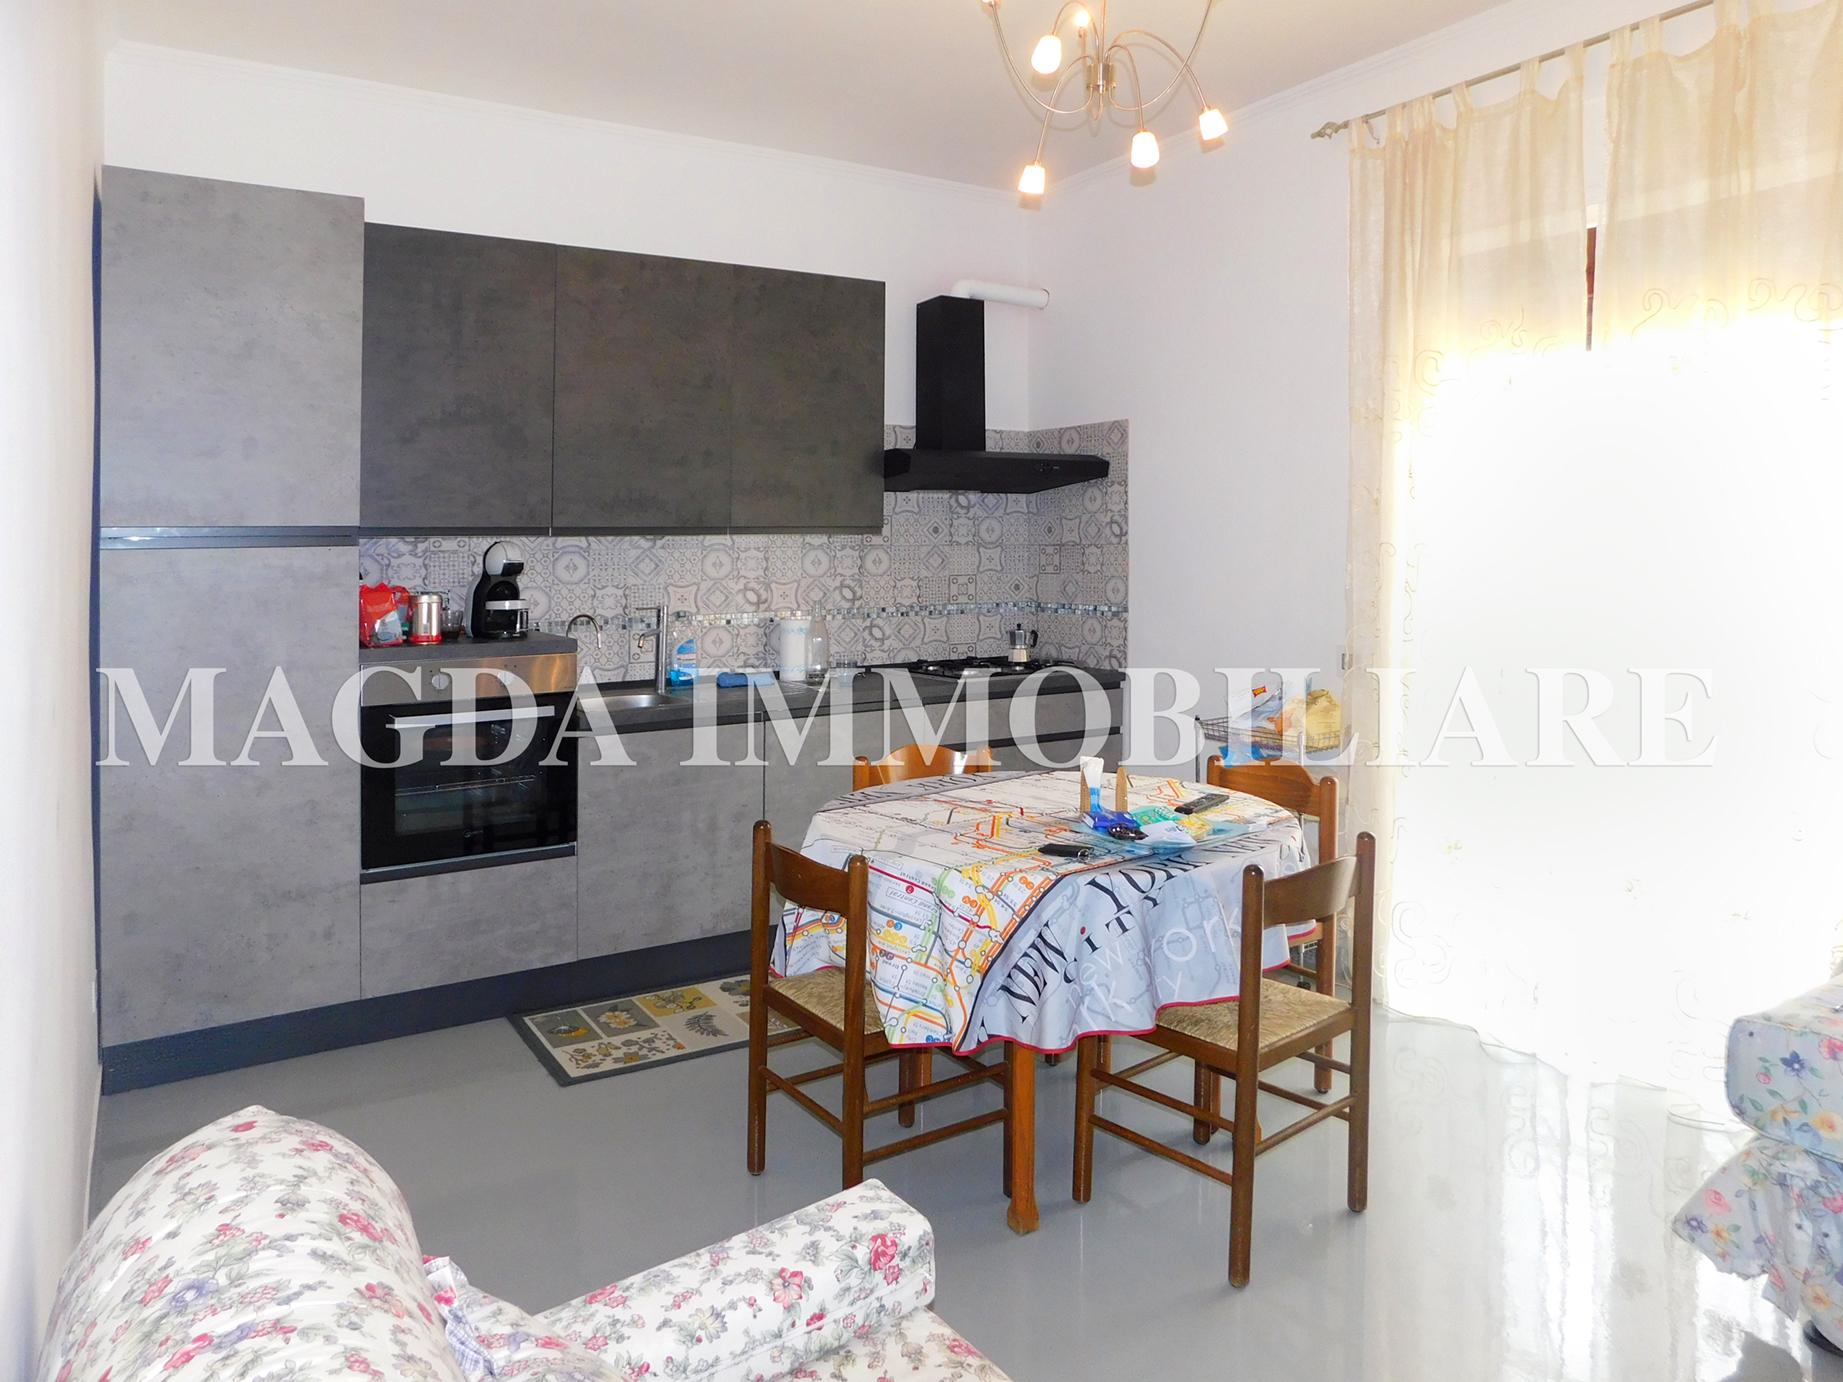 Appartamento a Ladispoli - in Via Capua, 3